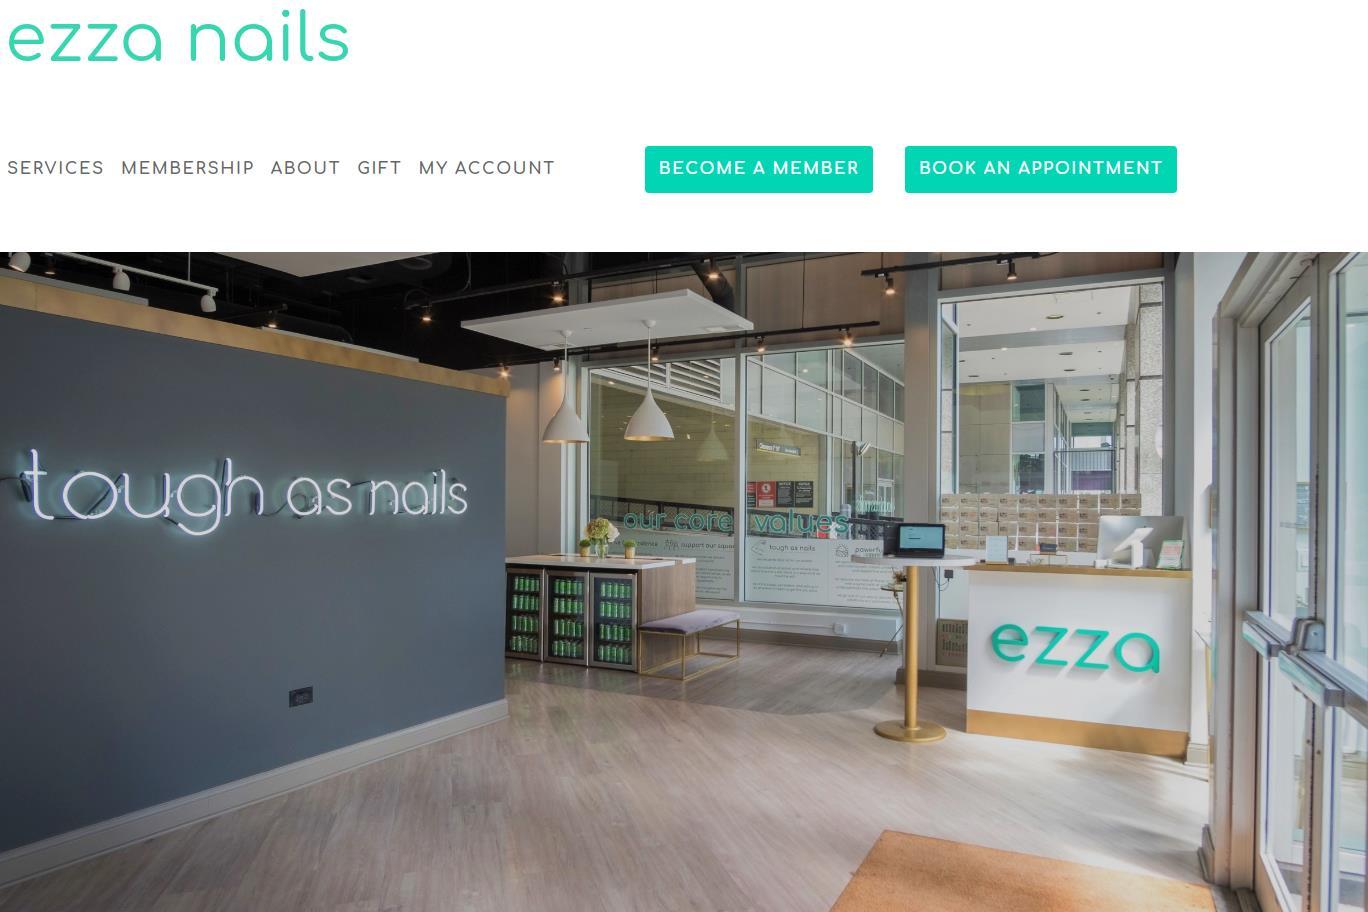 赋能女性的美甲沙龙初创品牌 Ezza Nails 完成 150万美元种子轮融资